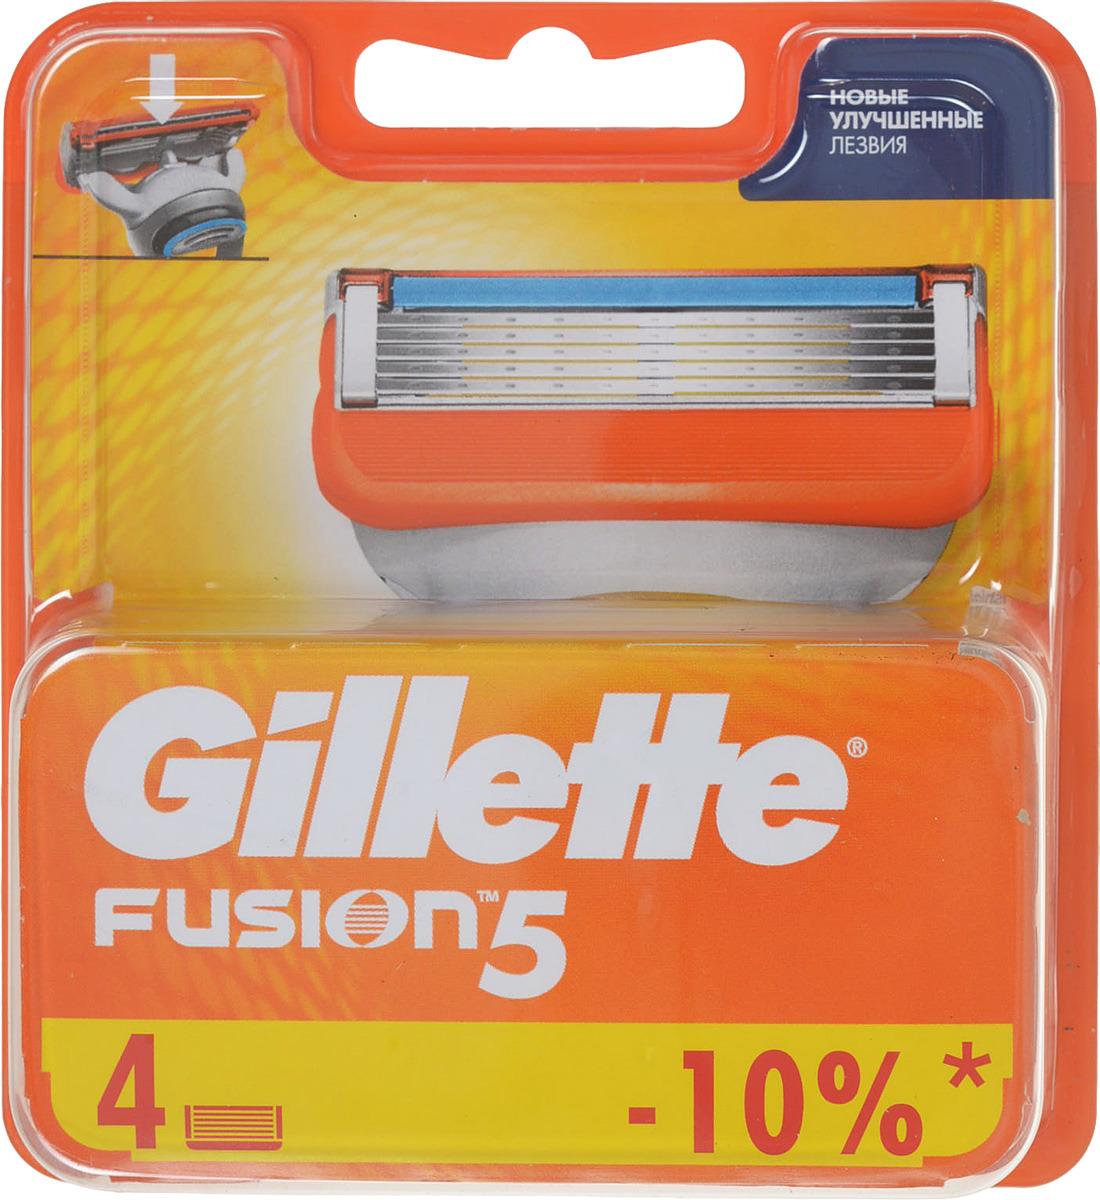 Сменные Кассеты Gillette Fusion5 Для Мужской Бритвы, 4 шт (GIL-75048930)